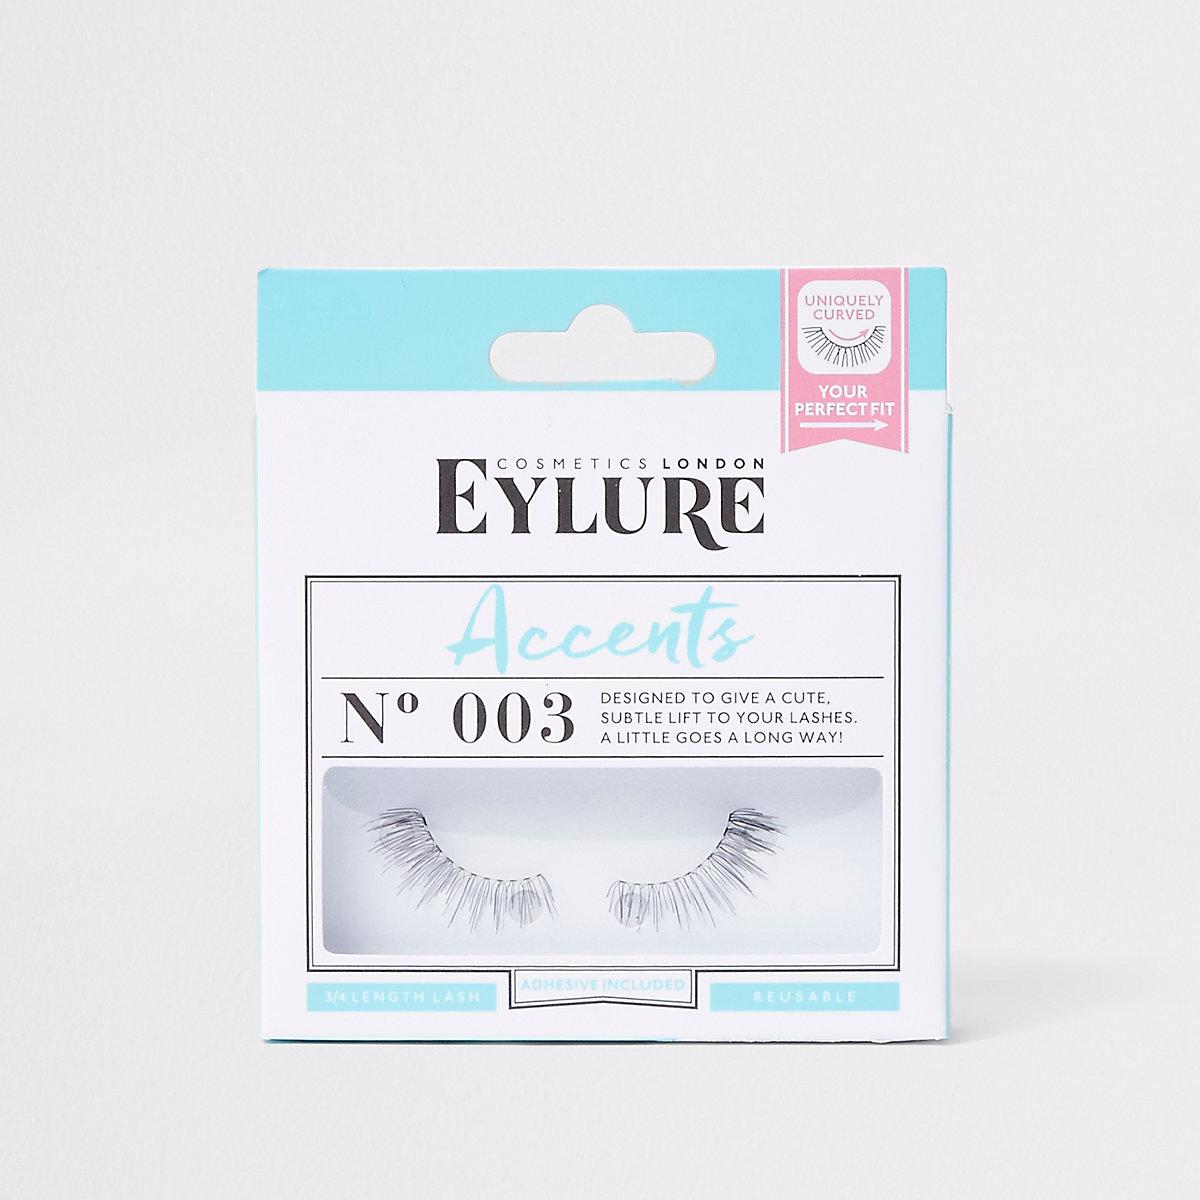 Black Eylure accent false eyelashes No.003